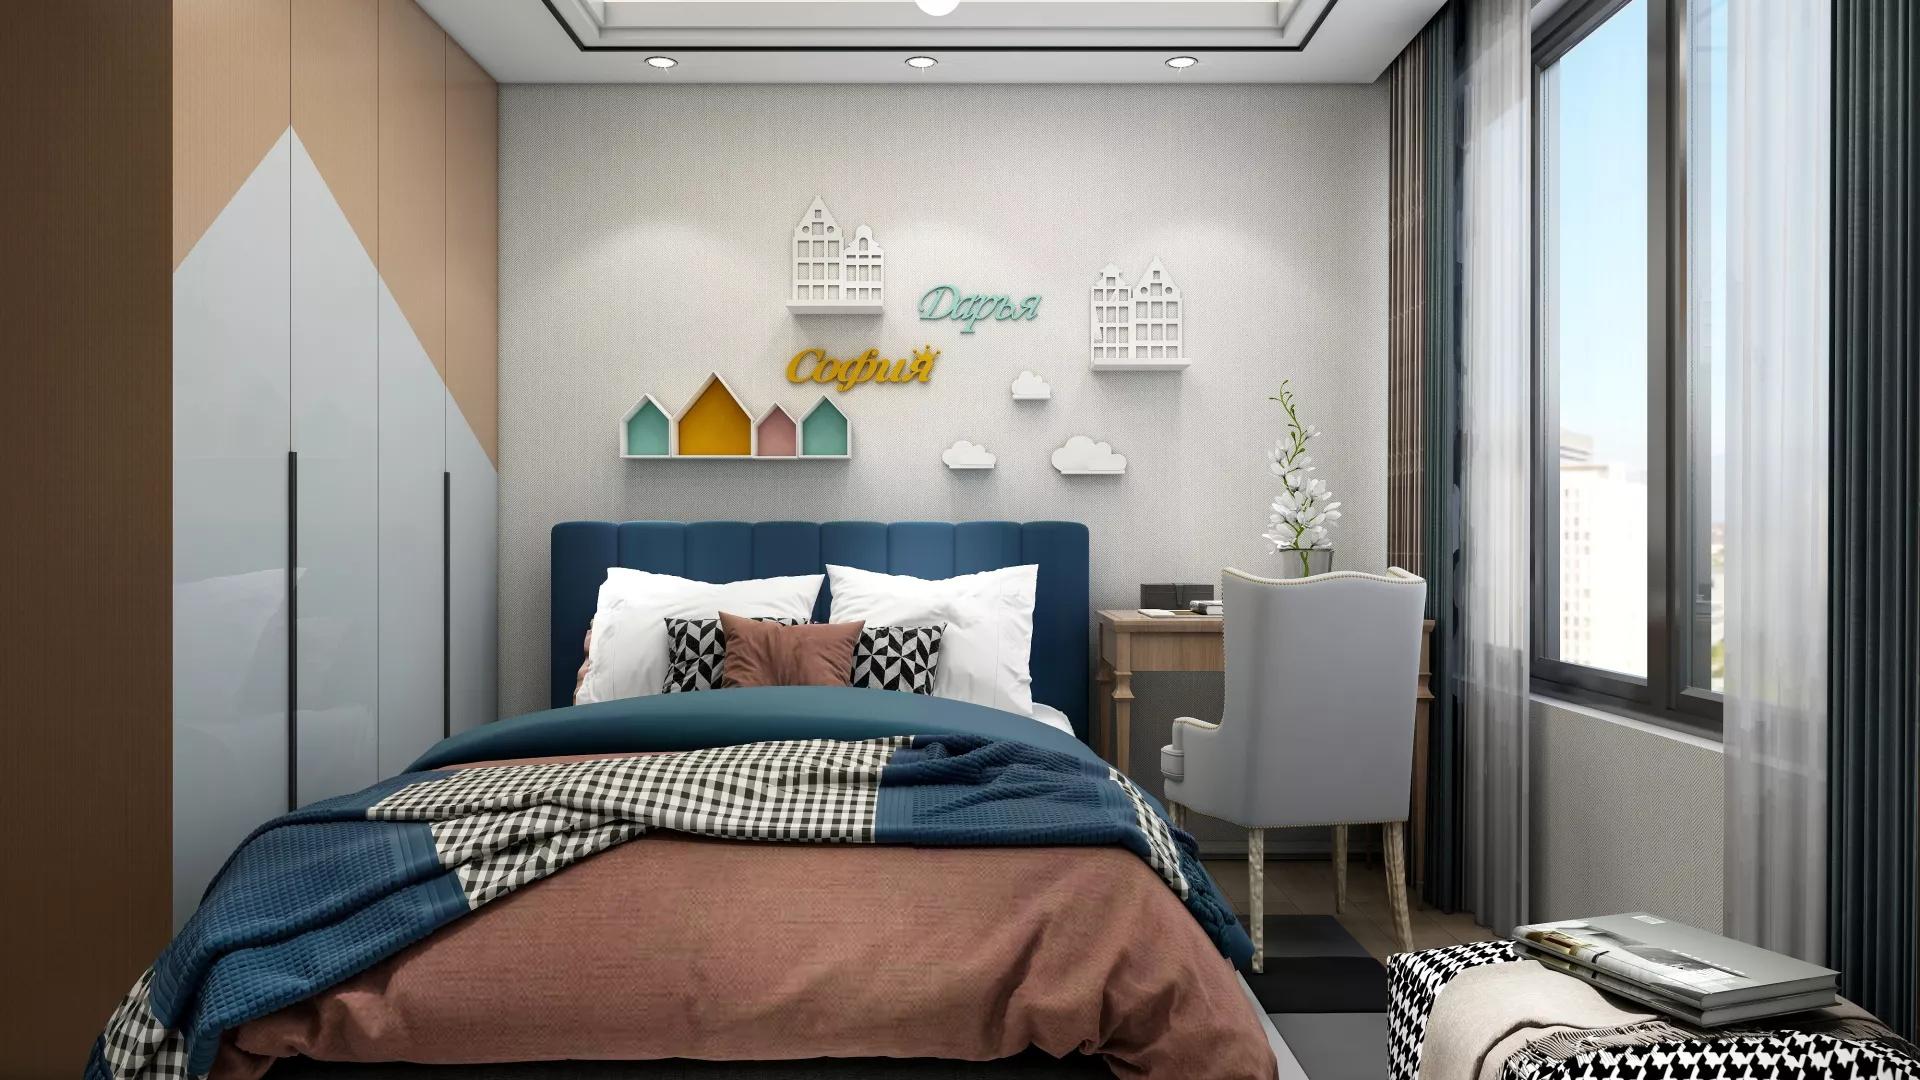 卧室卫生间设计怎么样 卧室卫生间如何设计